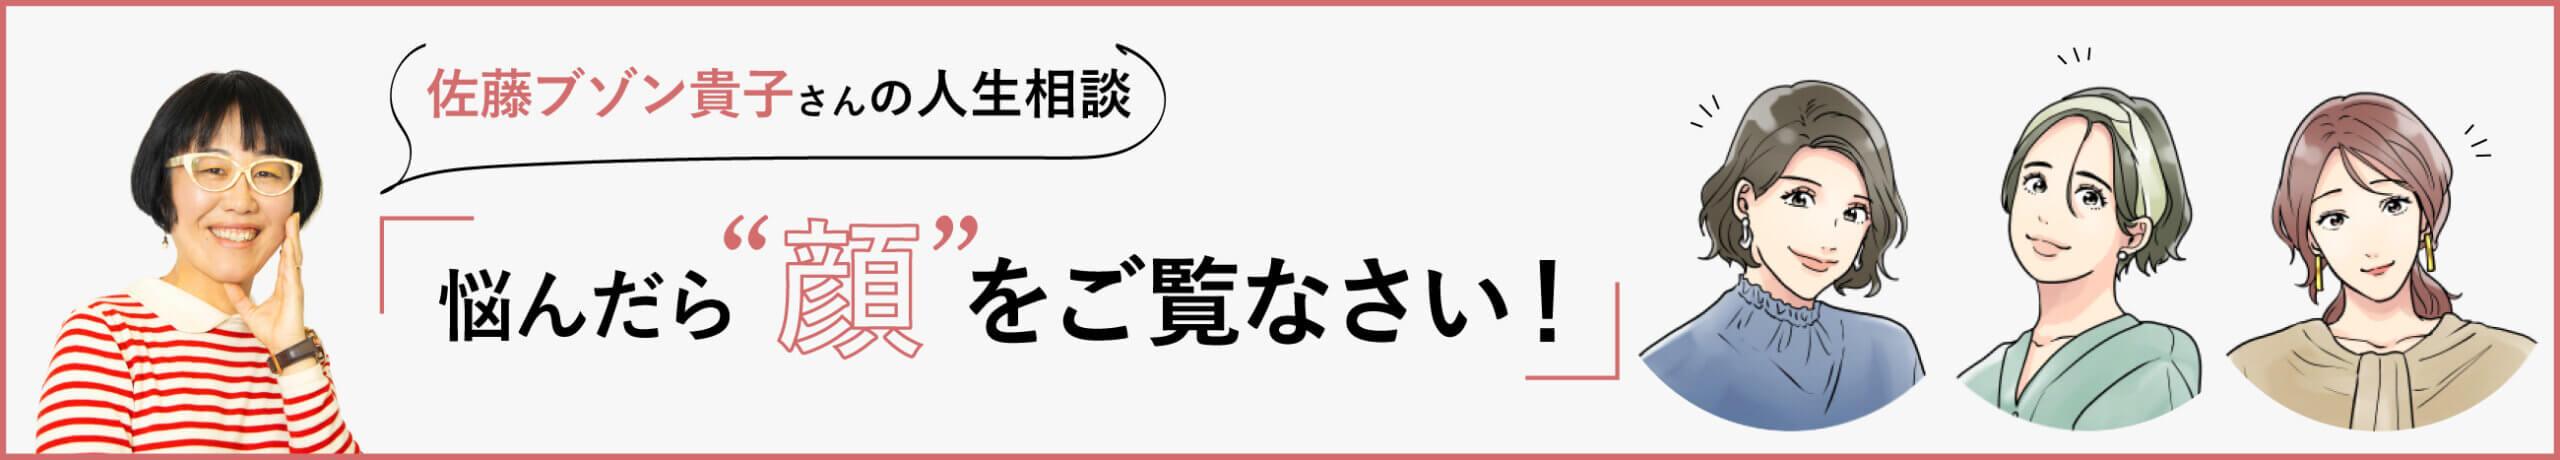 """佐藤ブゾン貴子さんの人生相談「悩んだら""""顔""""をご覧なさい!」"""